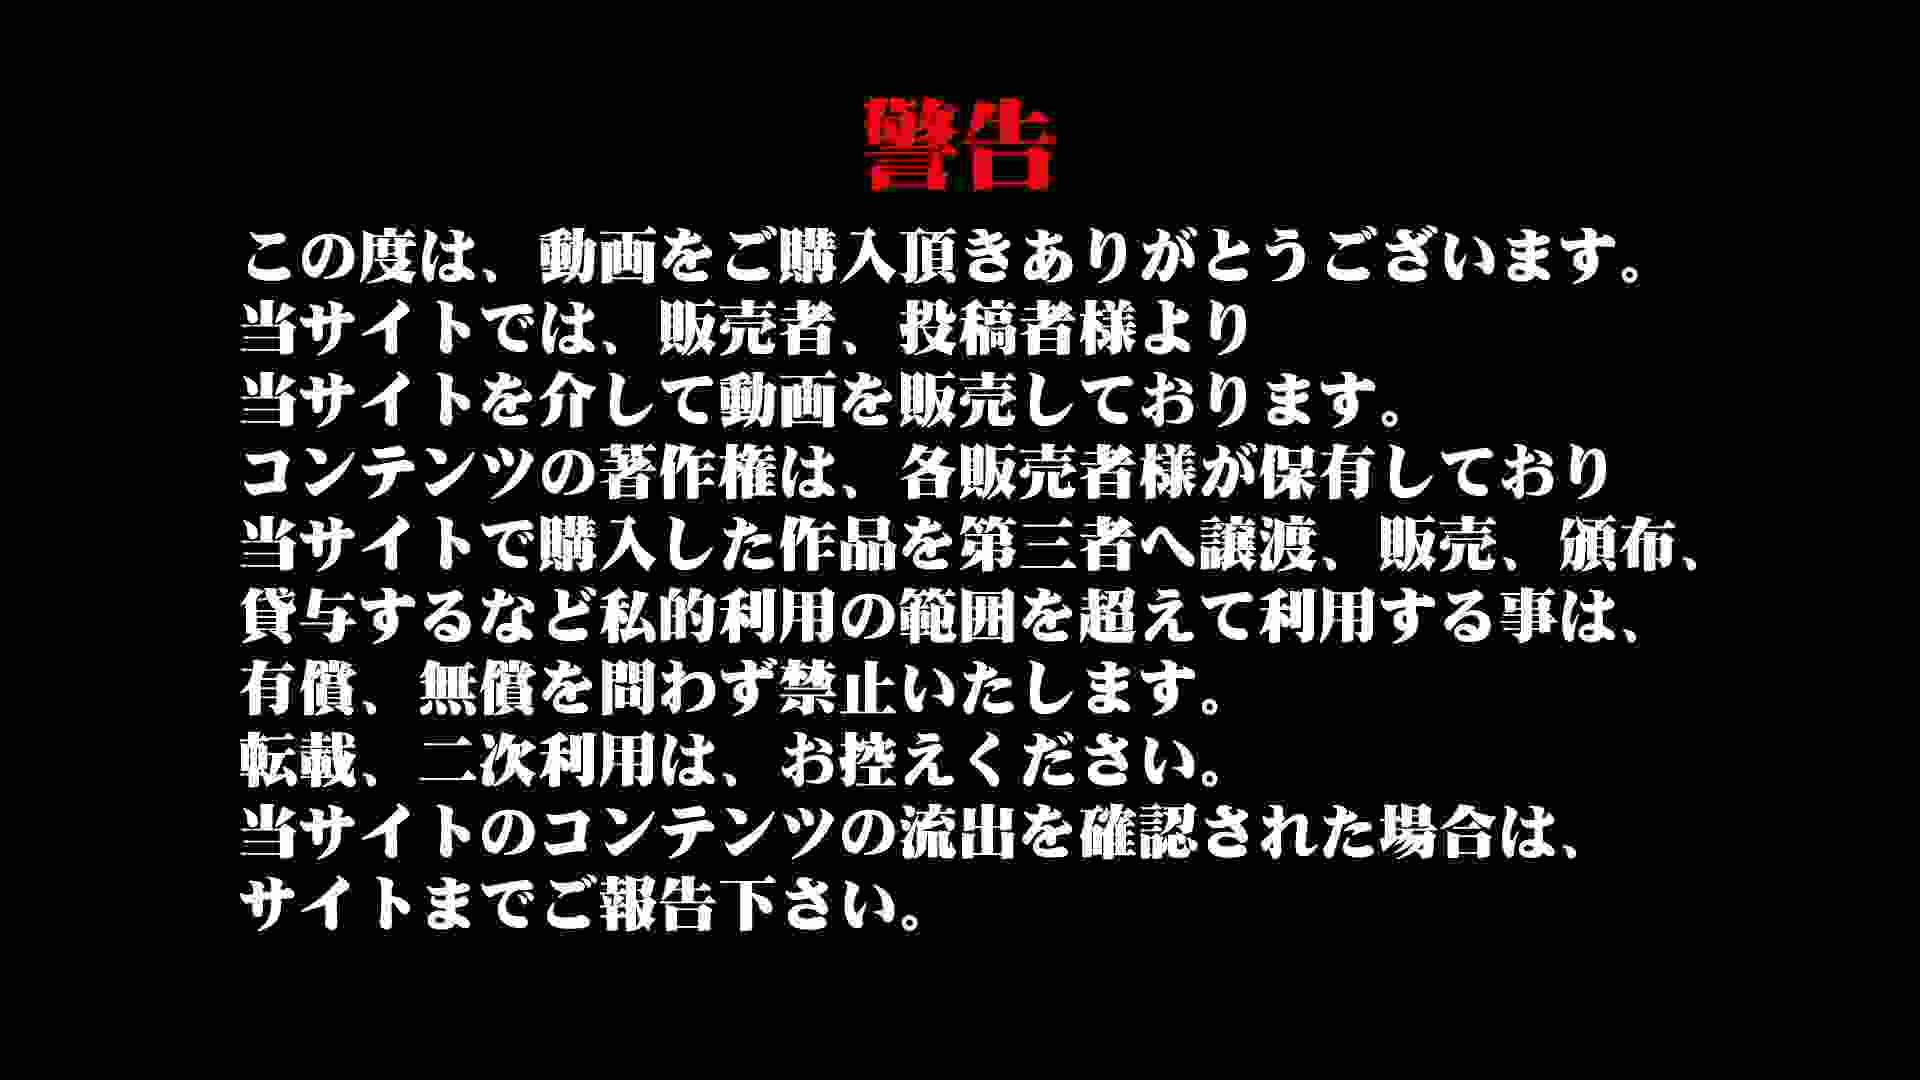 Aquaな露天風呂Vol.895 盗撮シリーズ  101PIX 32